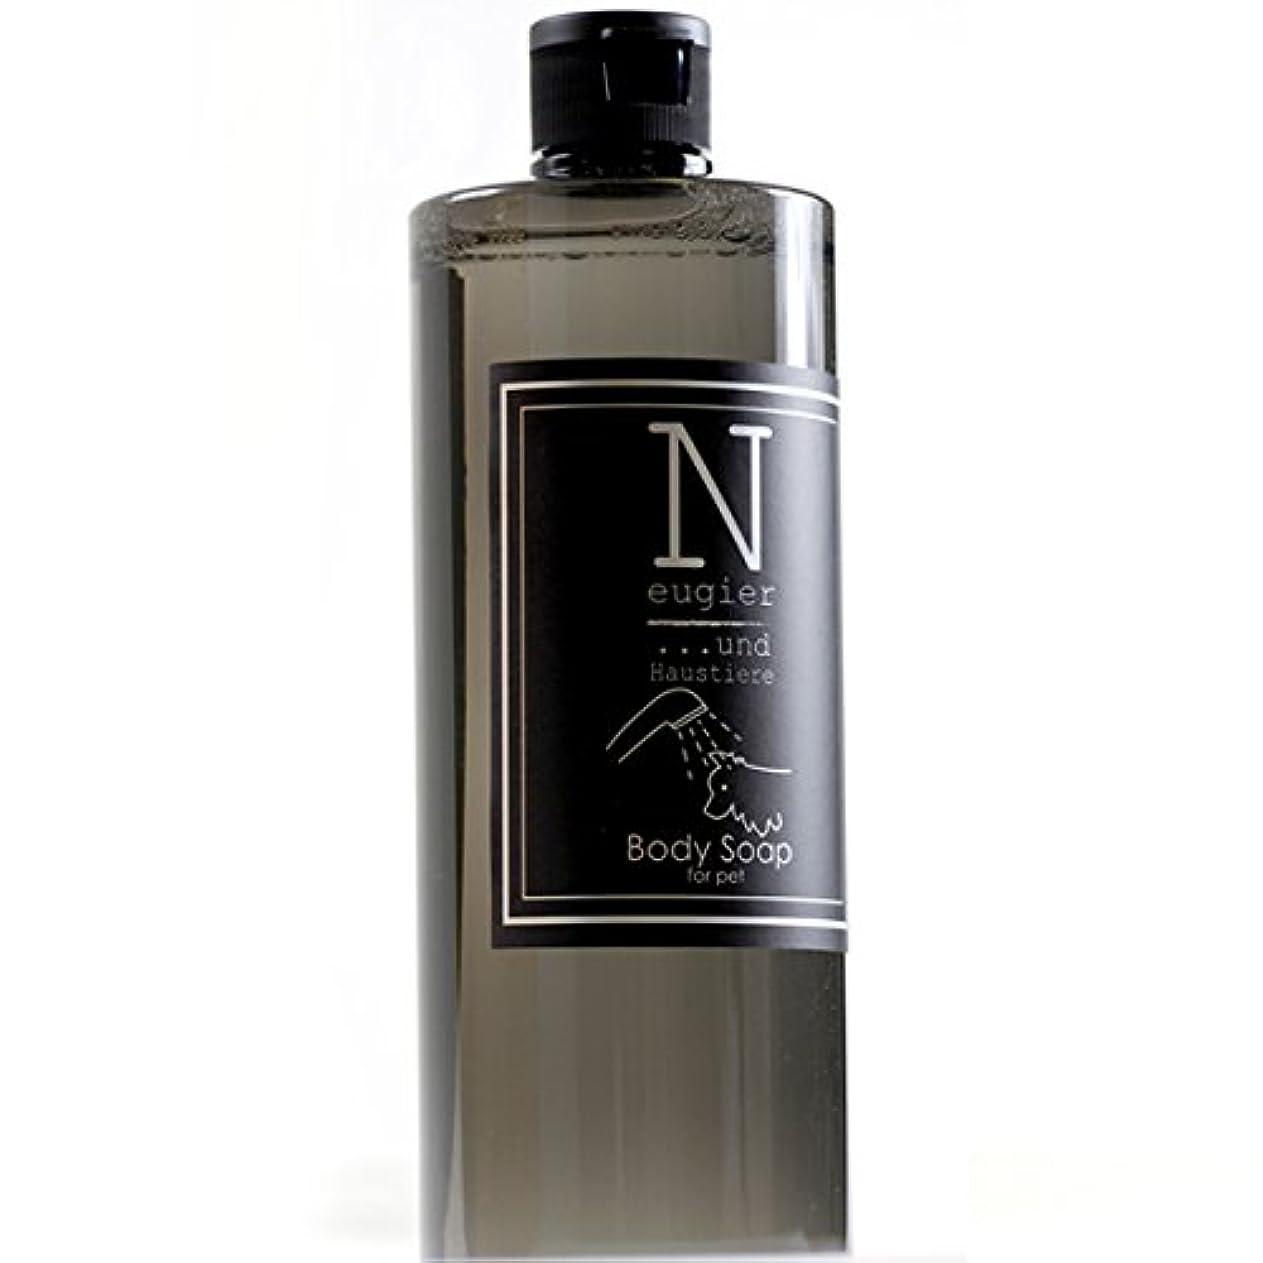 ダウンタウン発信主観的Neugier ケアシリーズ body Soap (ボディーソープ/ペットシャンプー) (500)